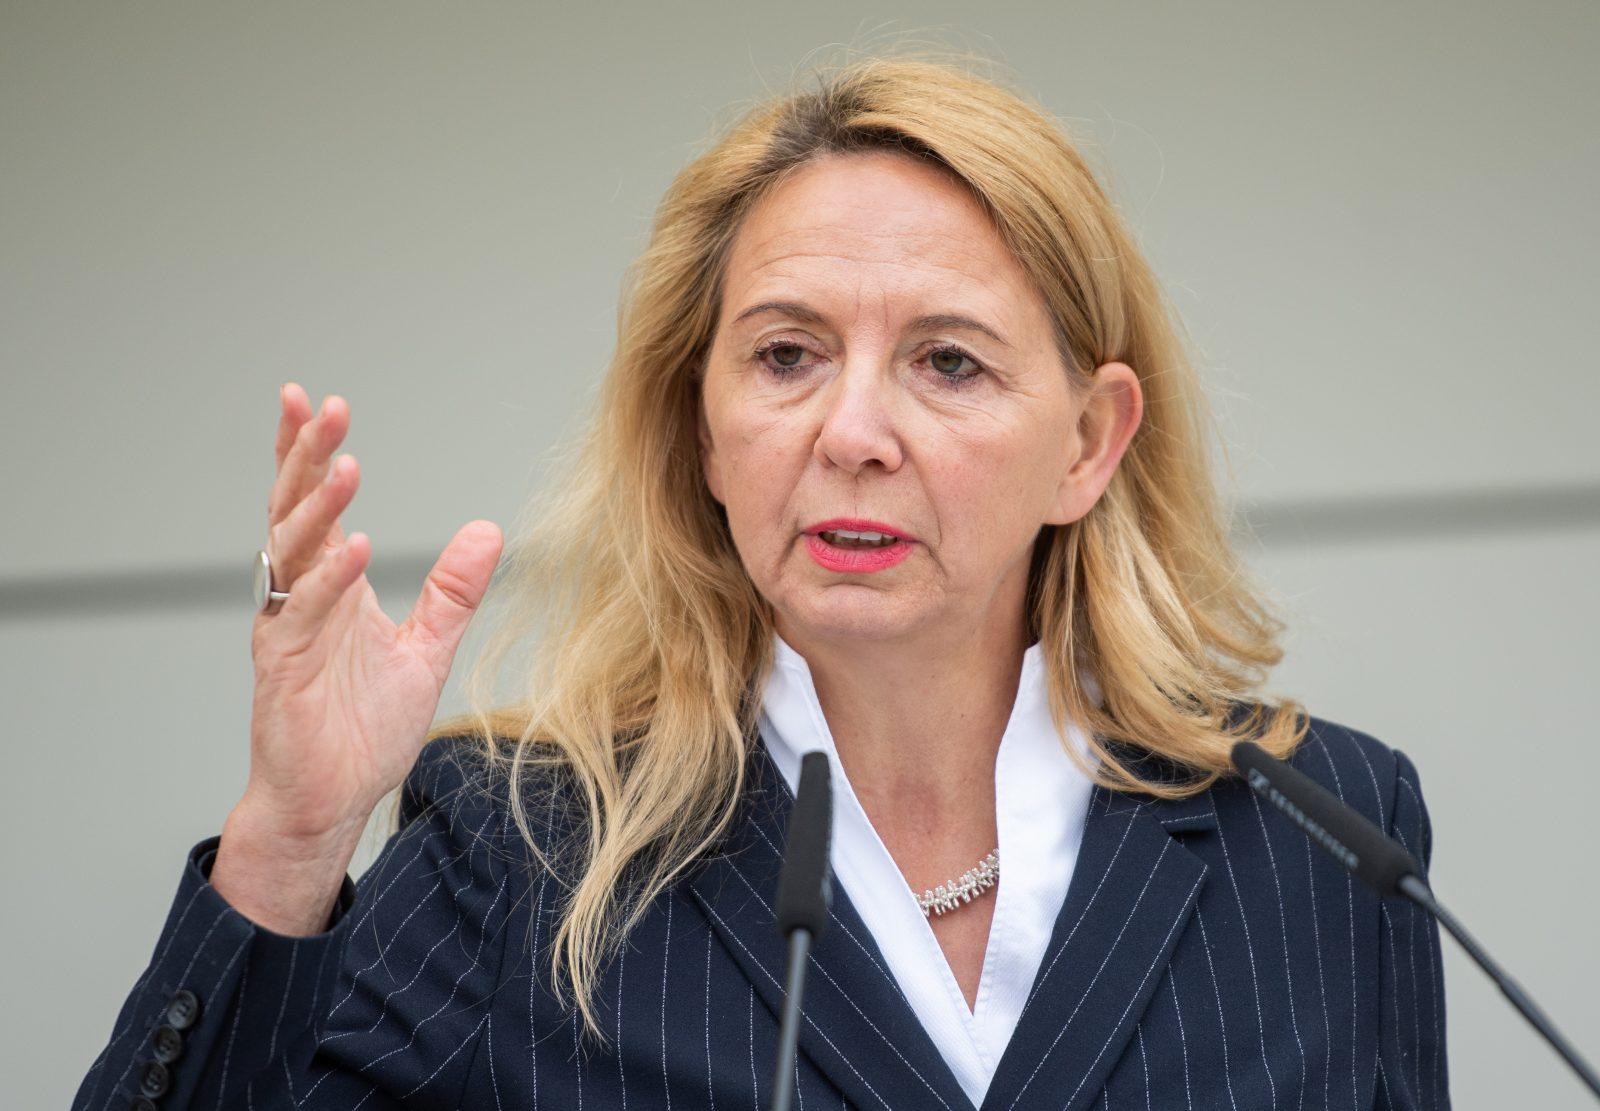 Berlins Polizeipräsidentin Barbara Slowik hält nichts vom neuen Antidiskriminierungsgesetz Foto: picture alliance/Christophe Gateau/dpa